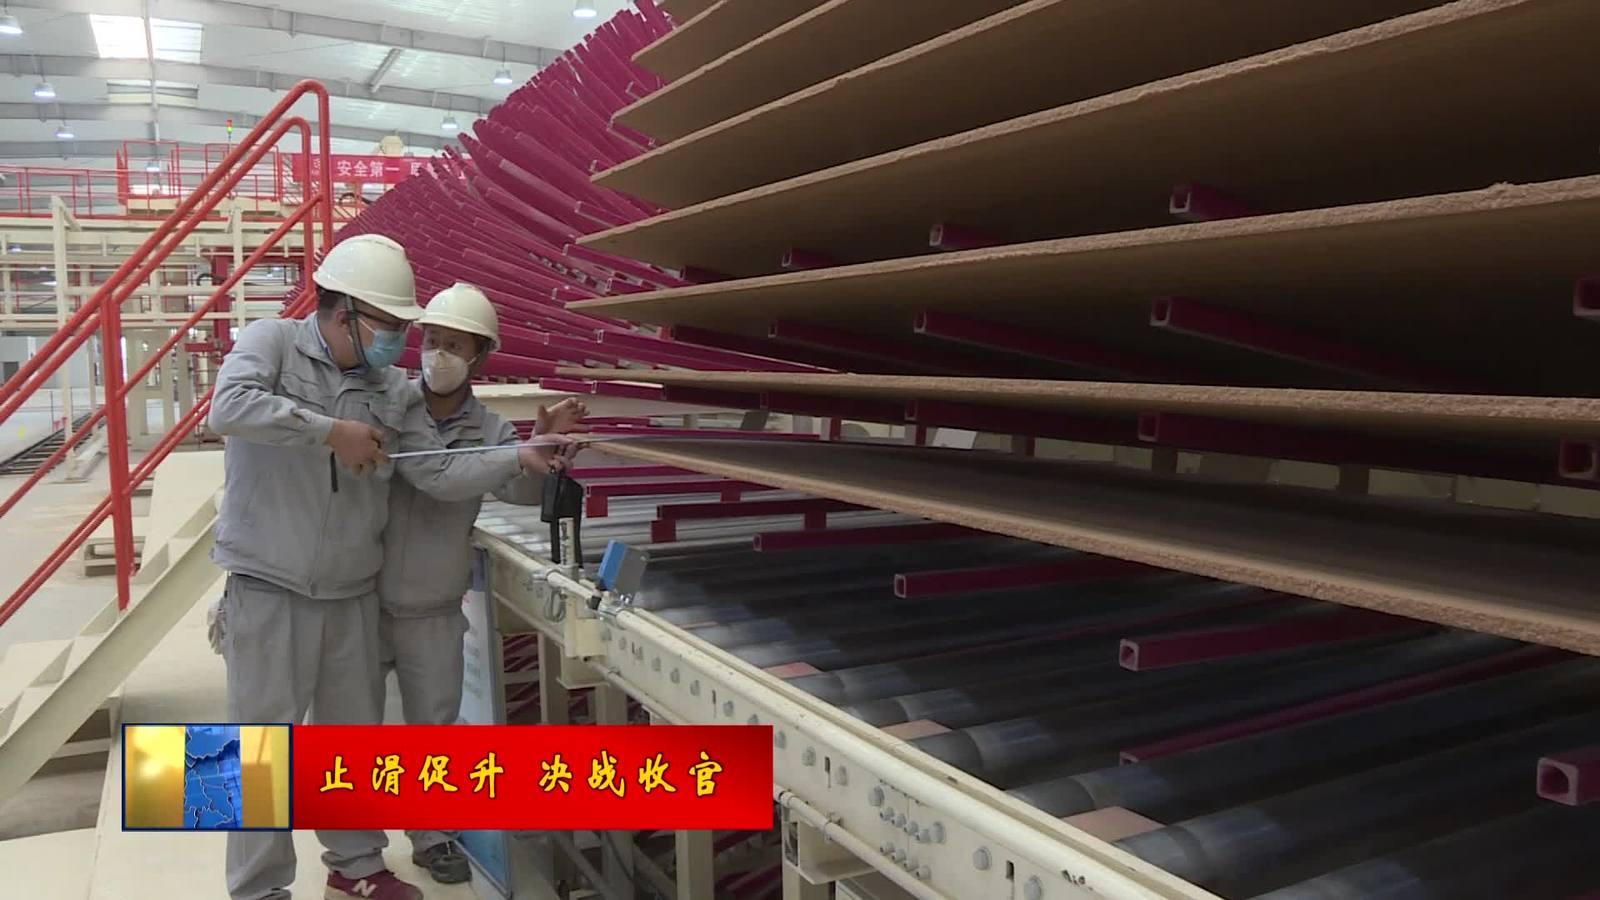 【视频新闻】彬州市:狠抓产业转型升级  力促经济高质量发展